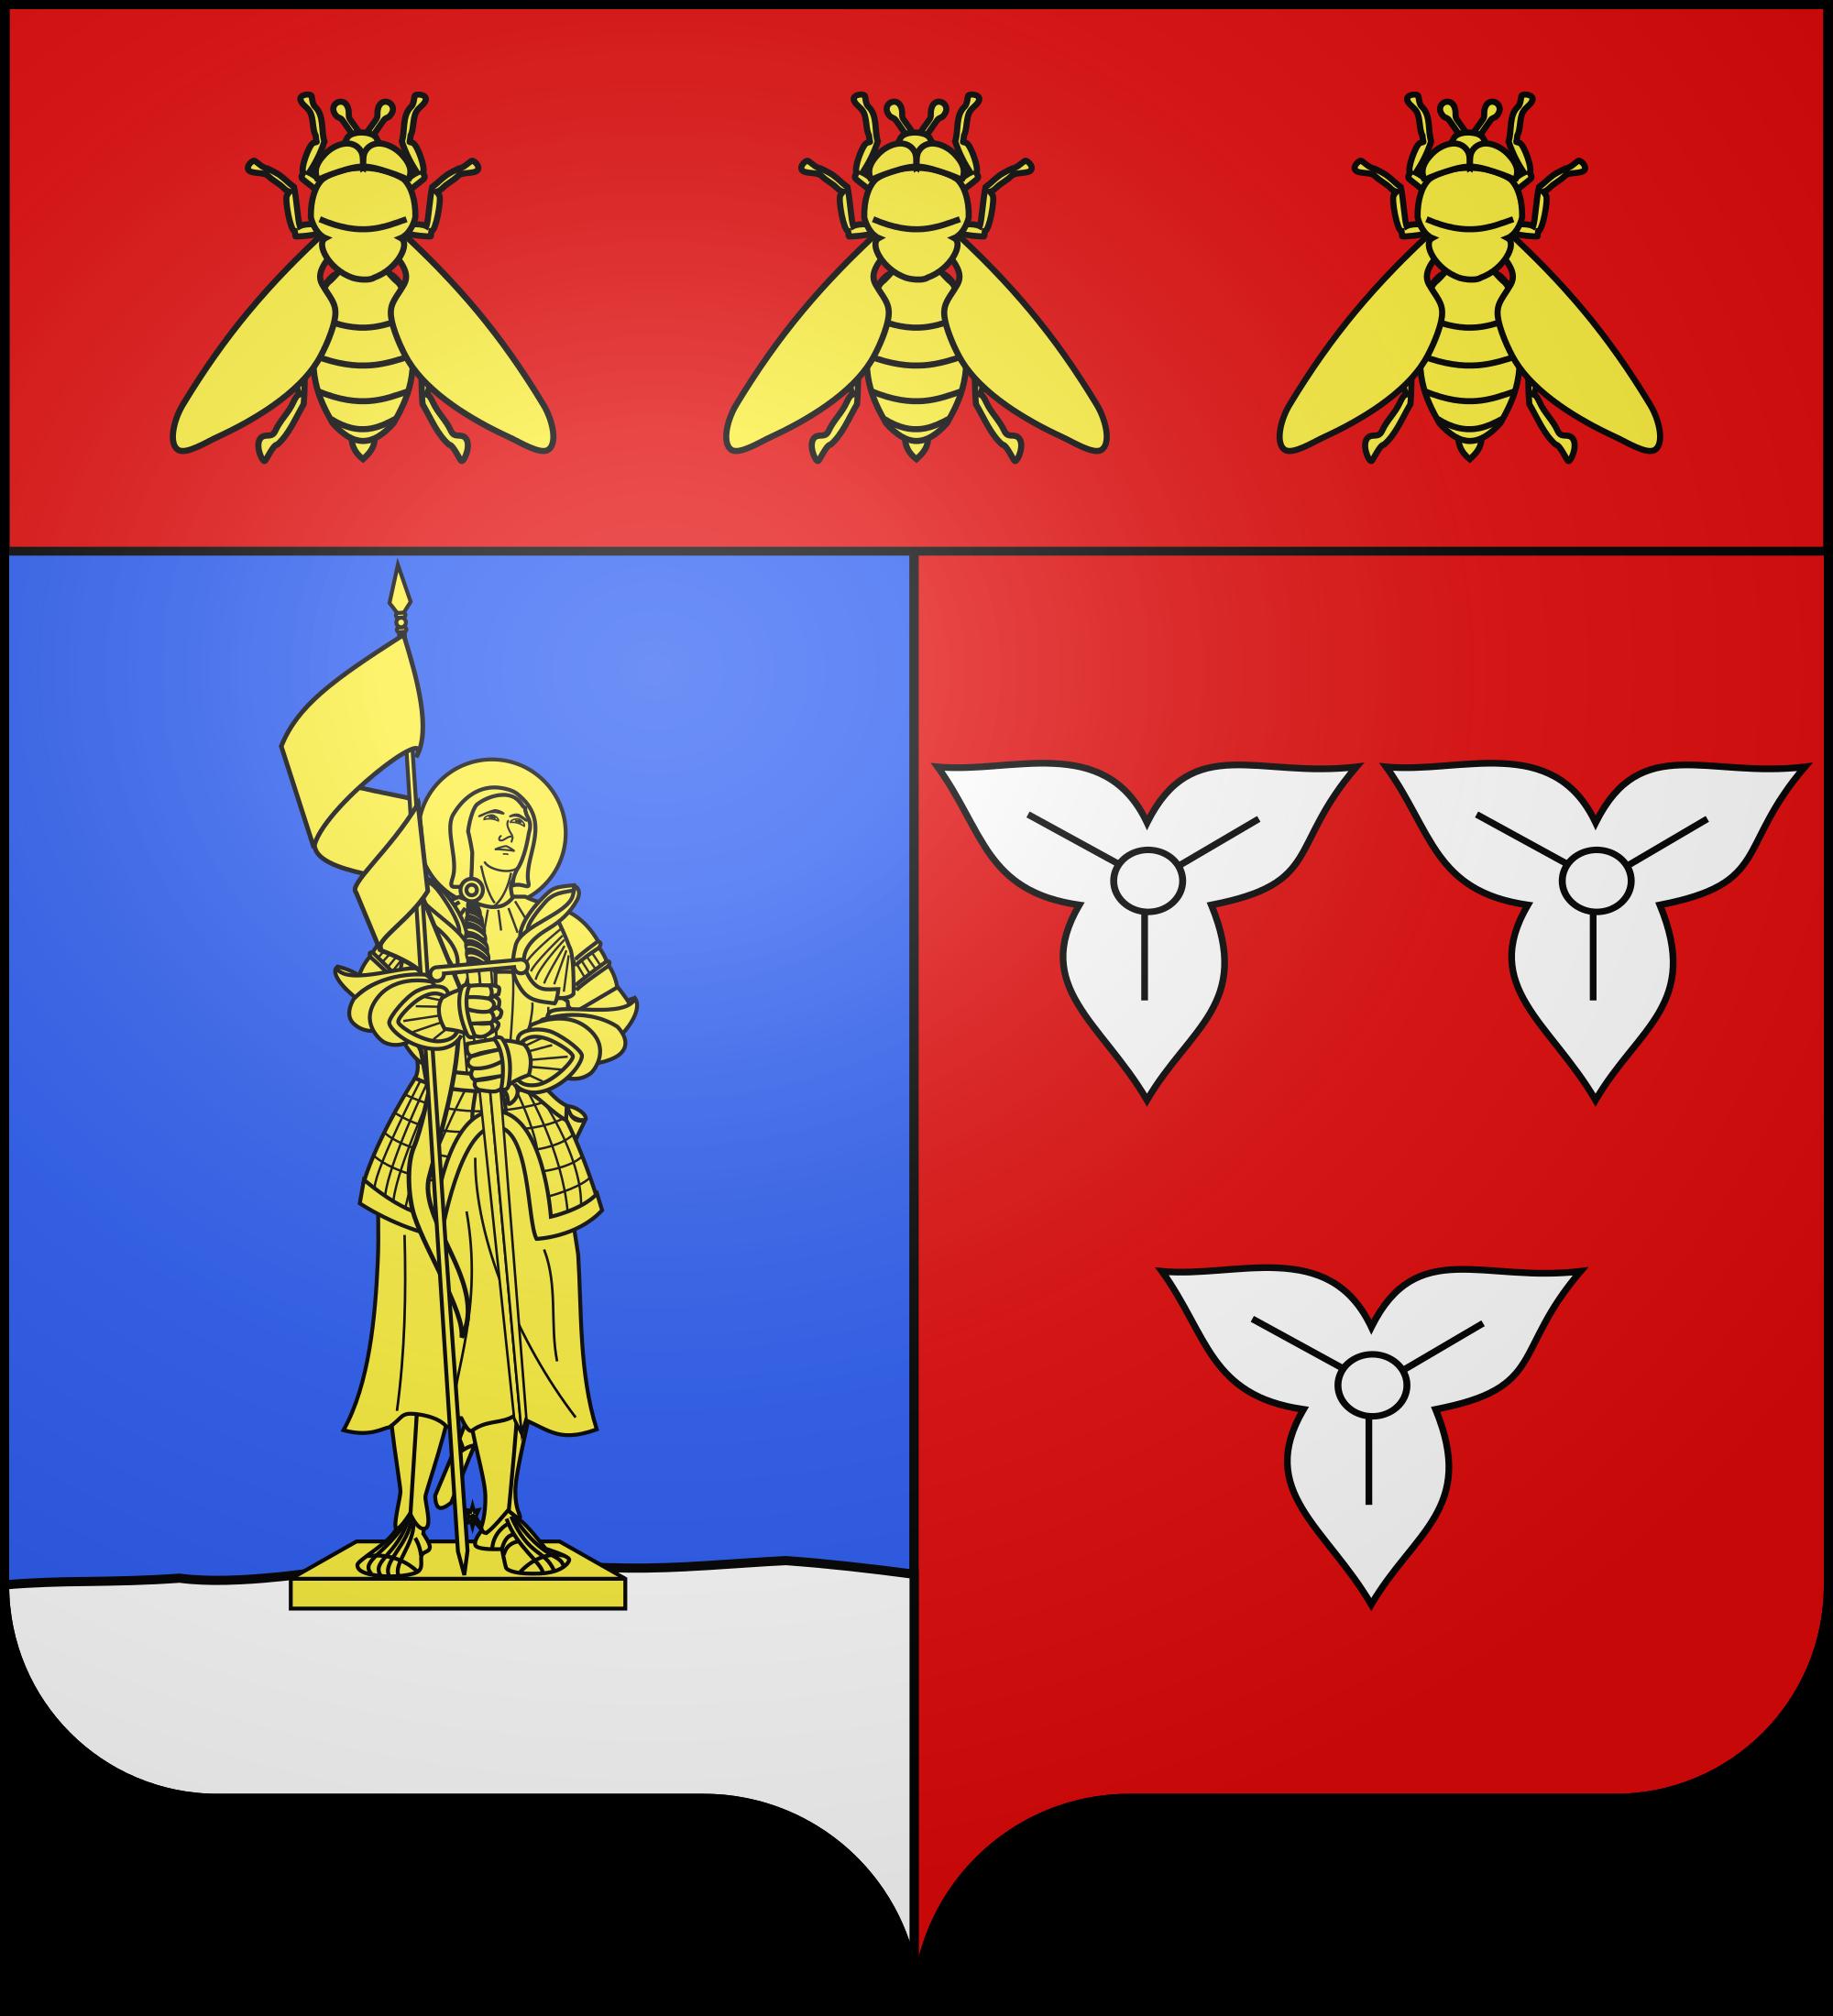 File:Blason ville fr Orléans Empire (Loiret).svg.